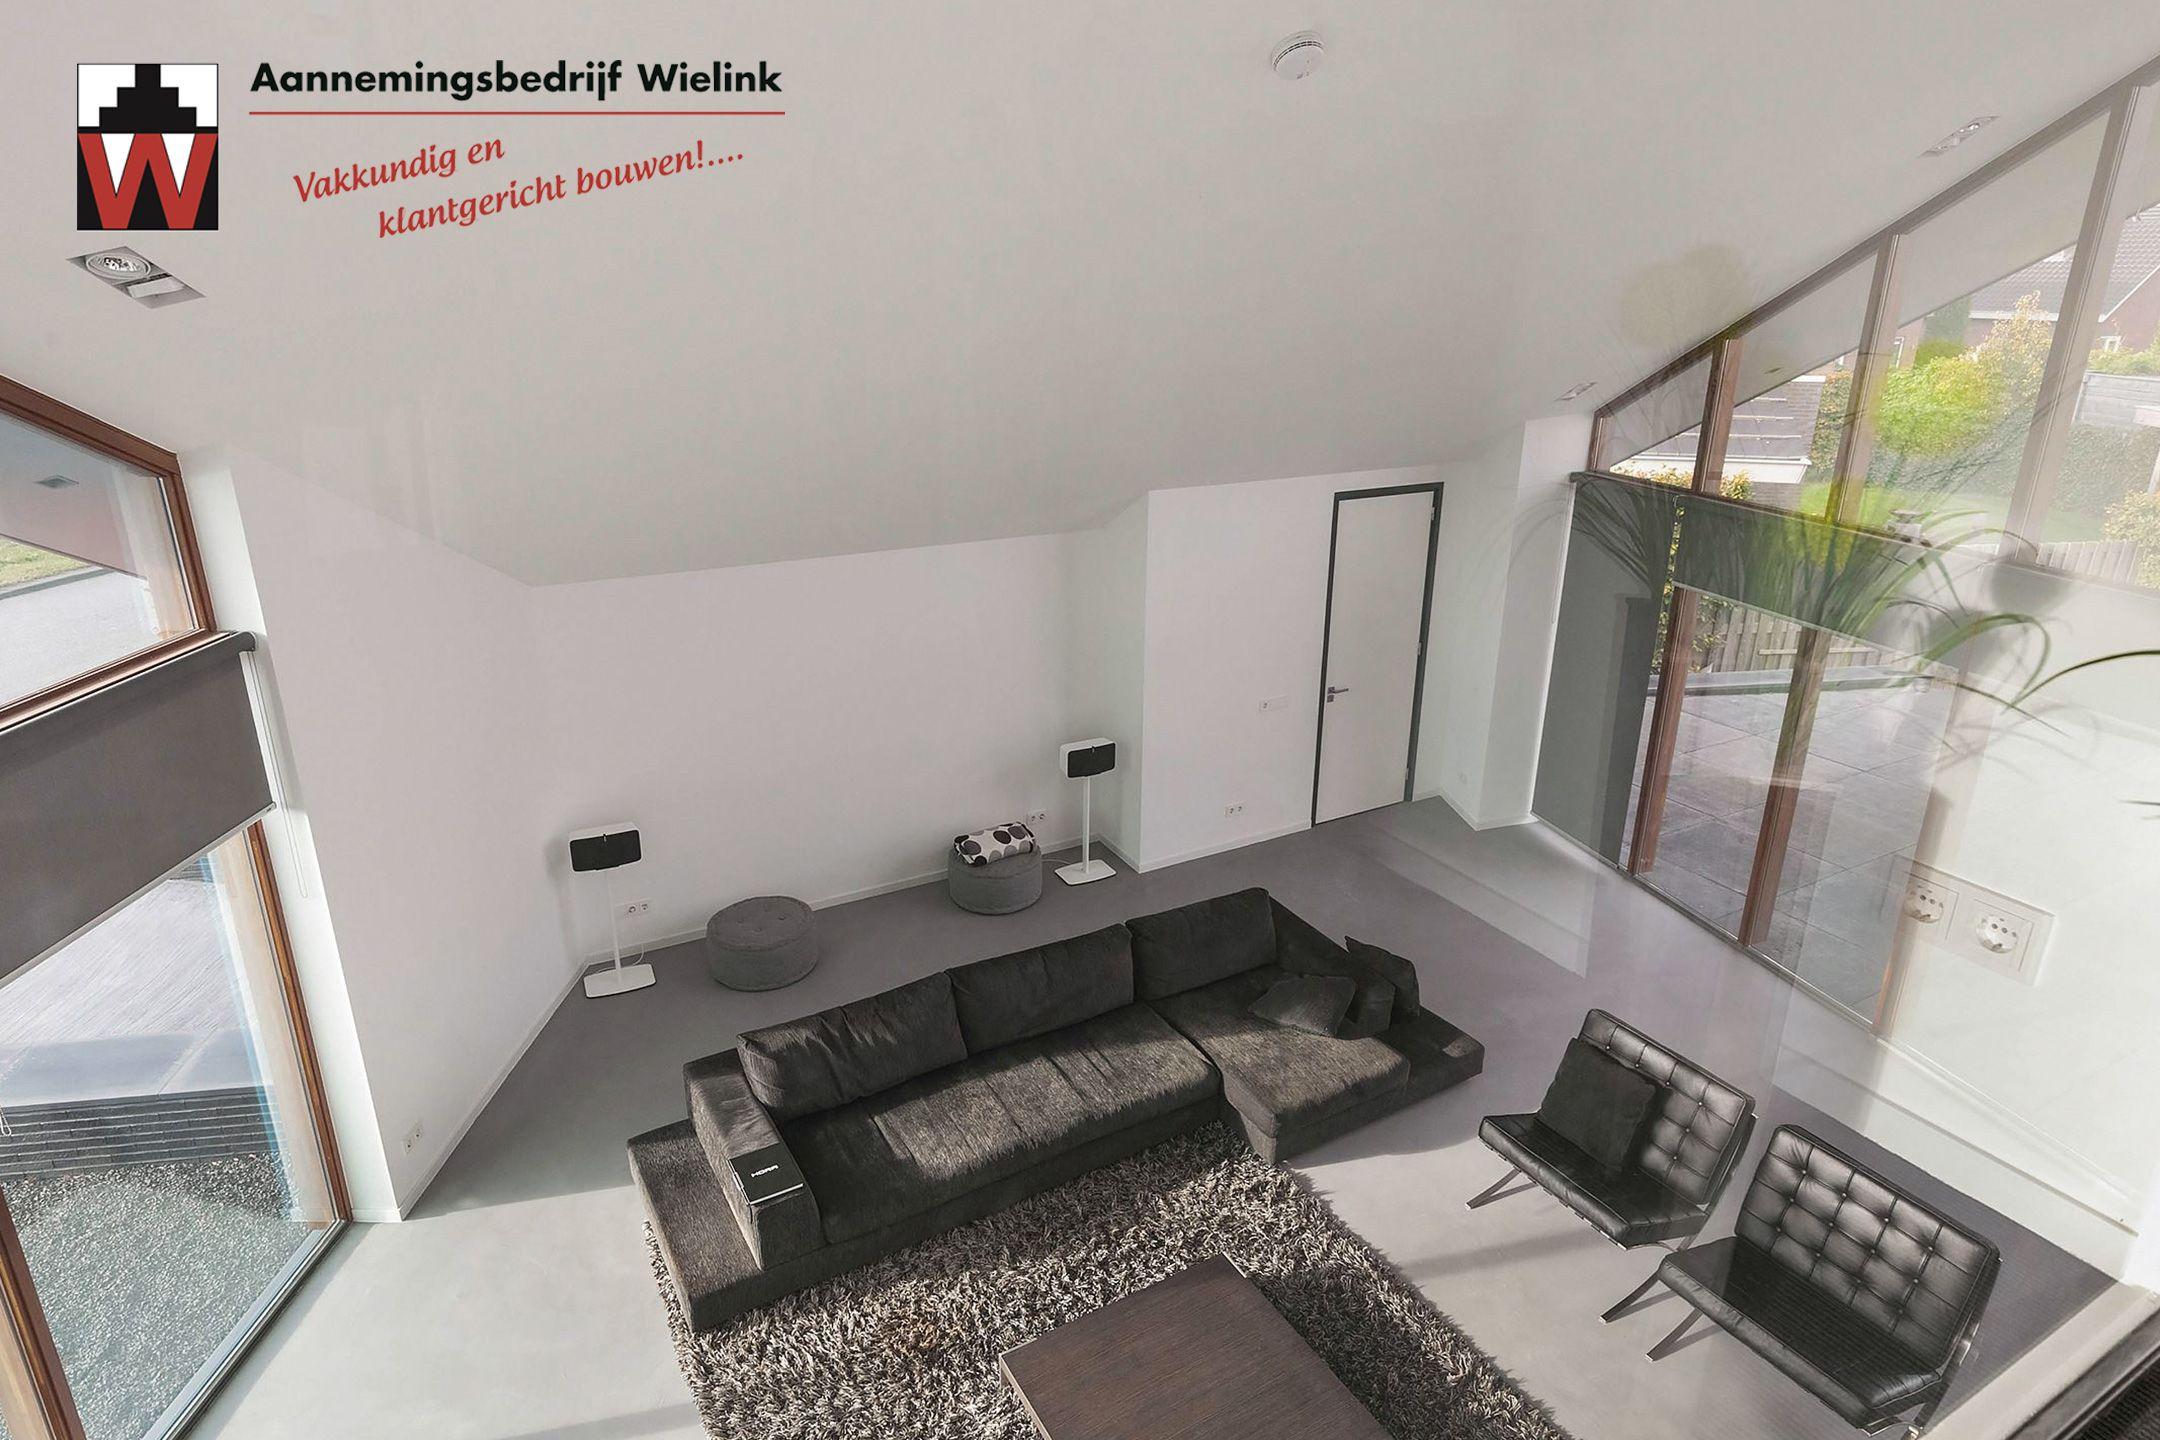 Strak en modern interieur modern interieur inspiratie